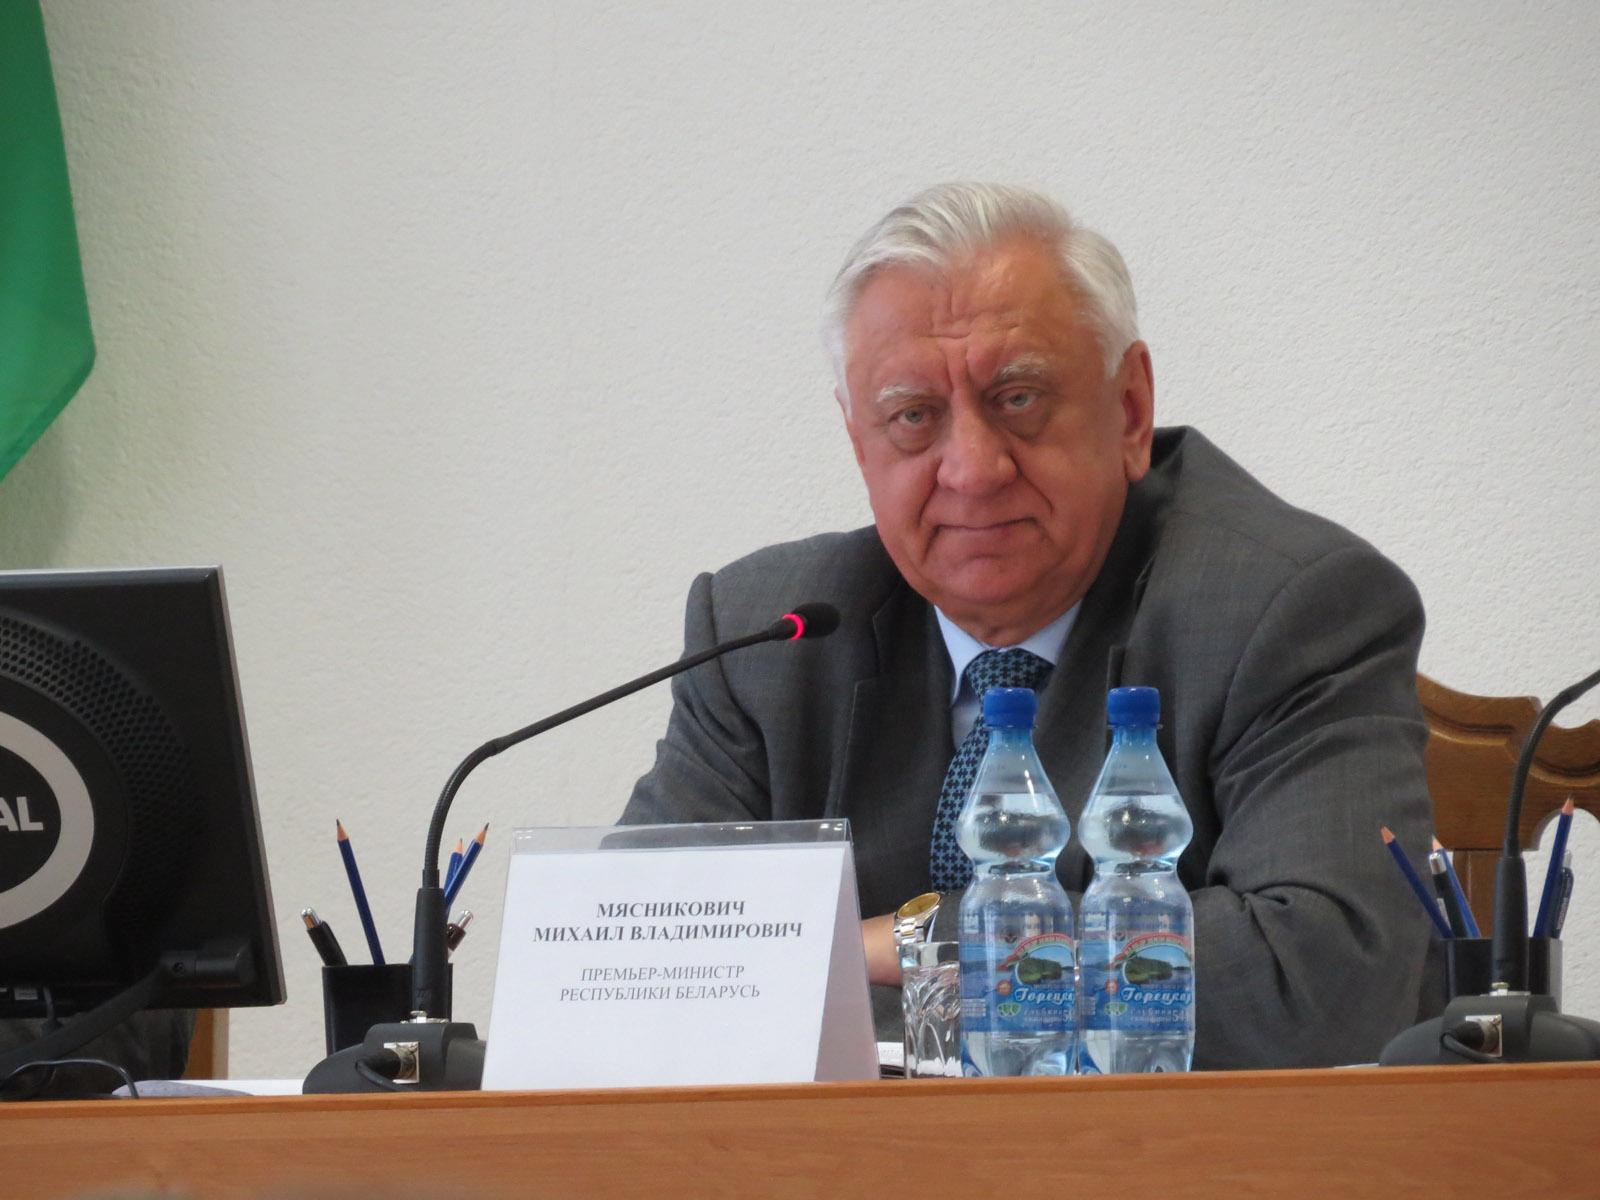 Мясникович назвал причину роста долгов в АПК Беларуси